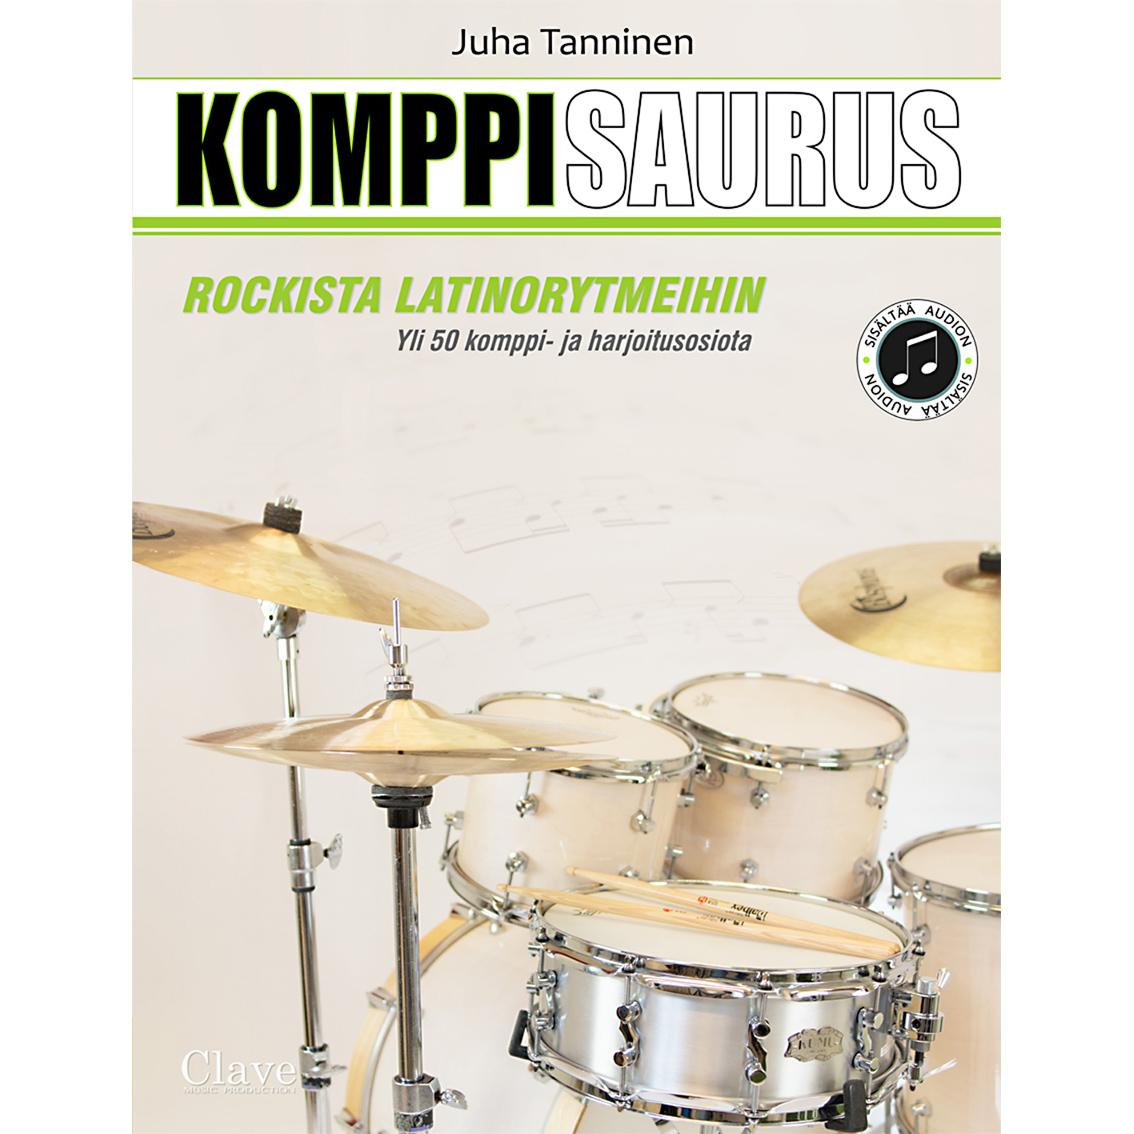 Juha Tanninen - Komppisaurus